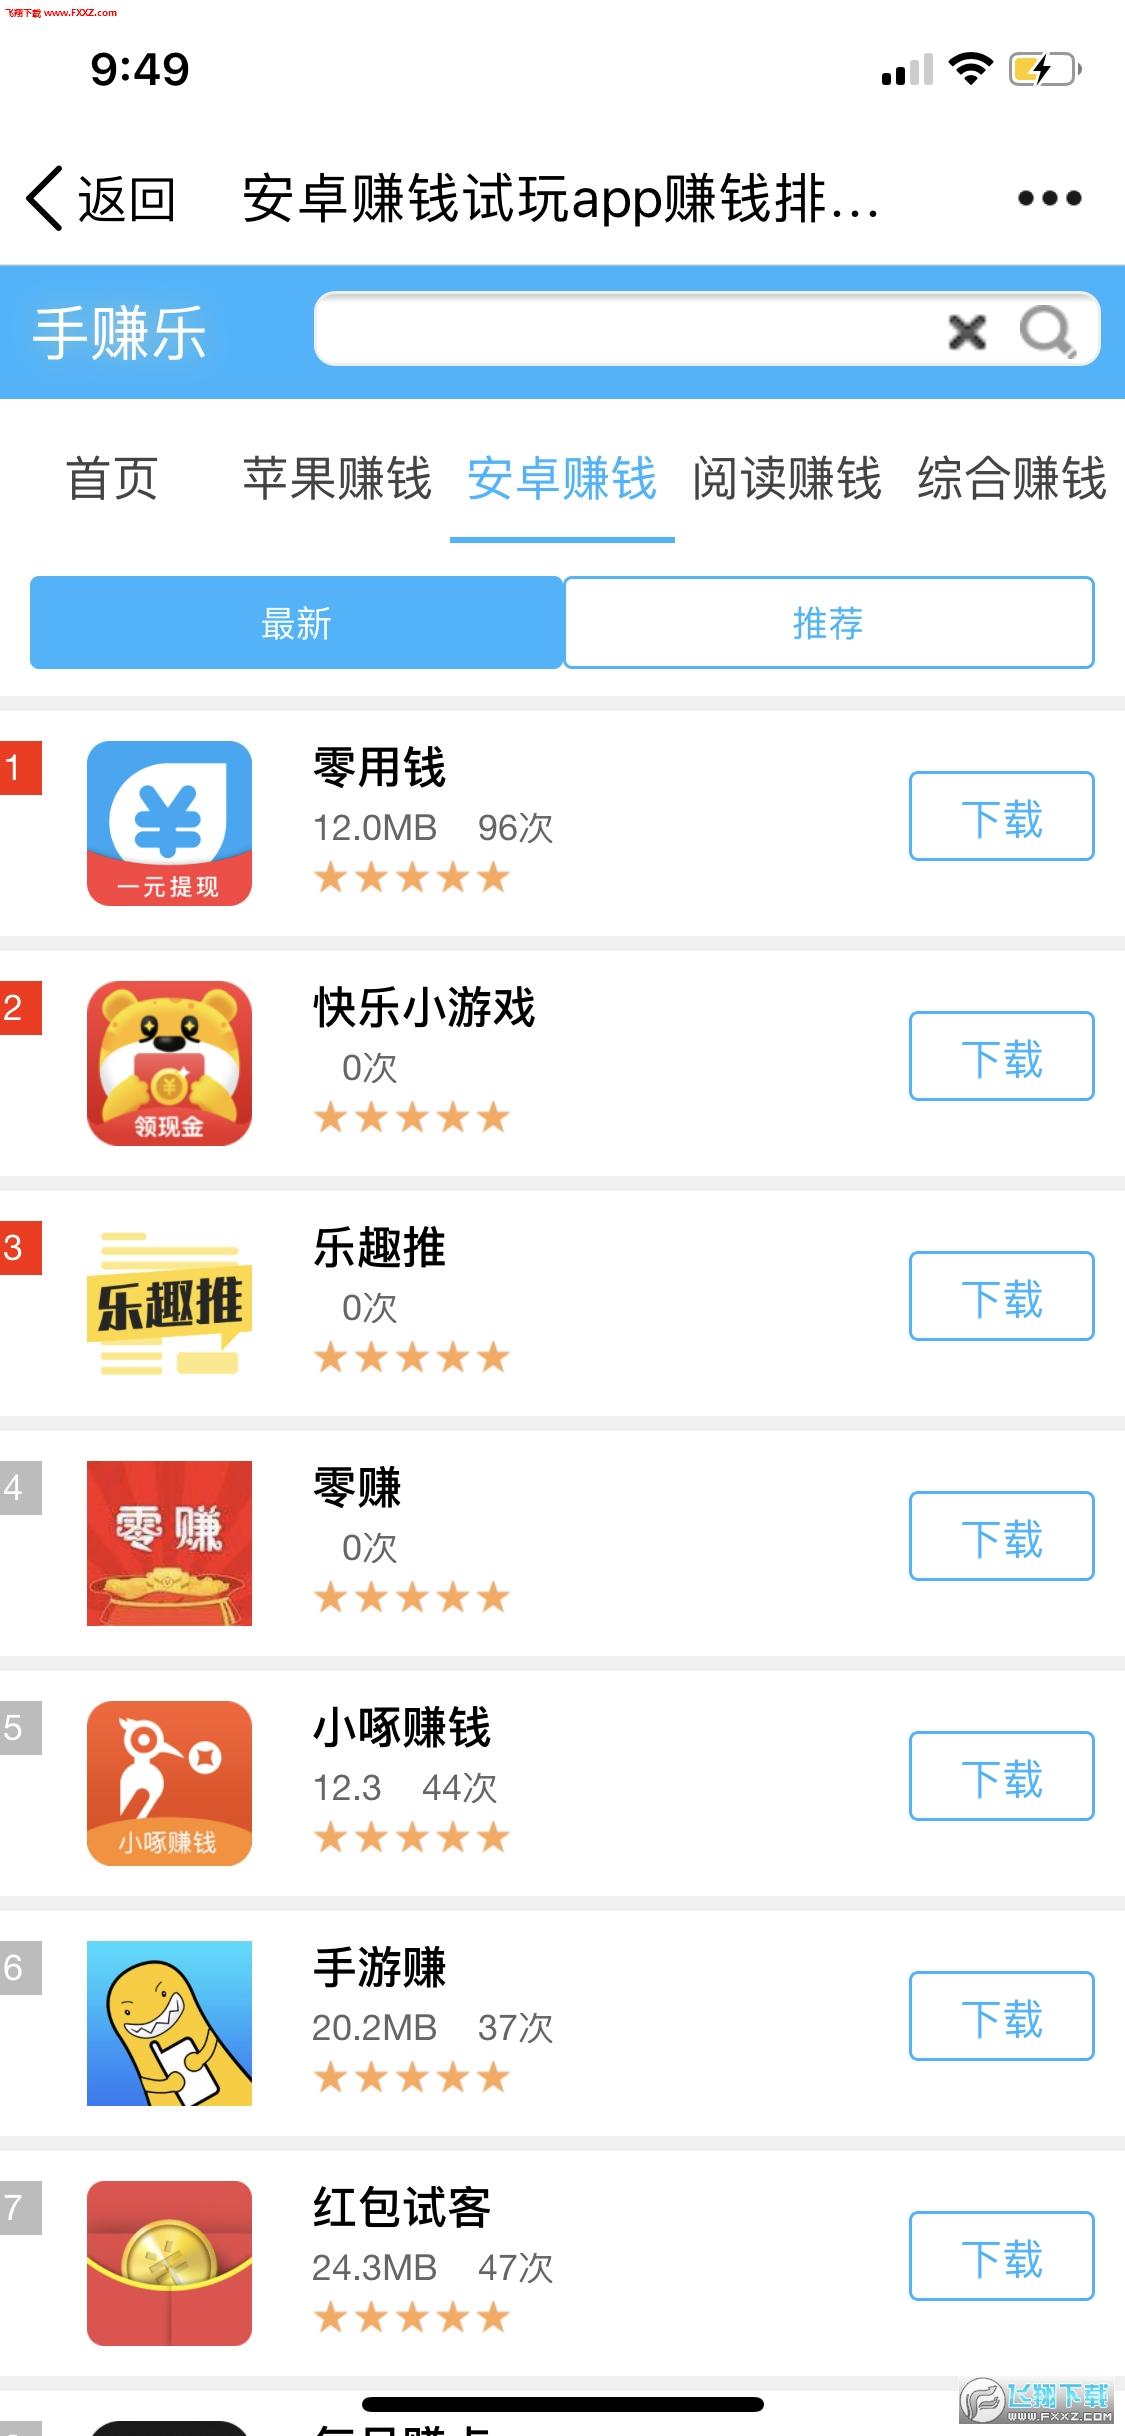 手赚乐app官网安卓版1.0.0截图2